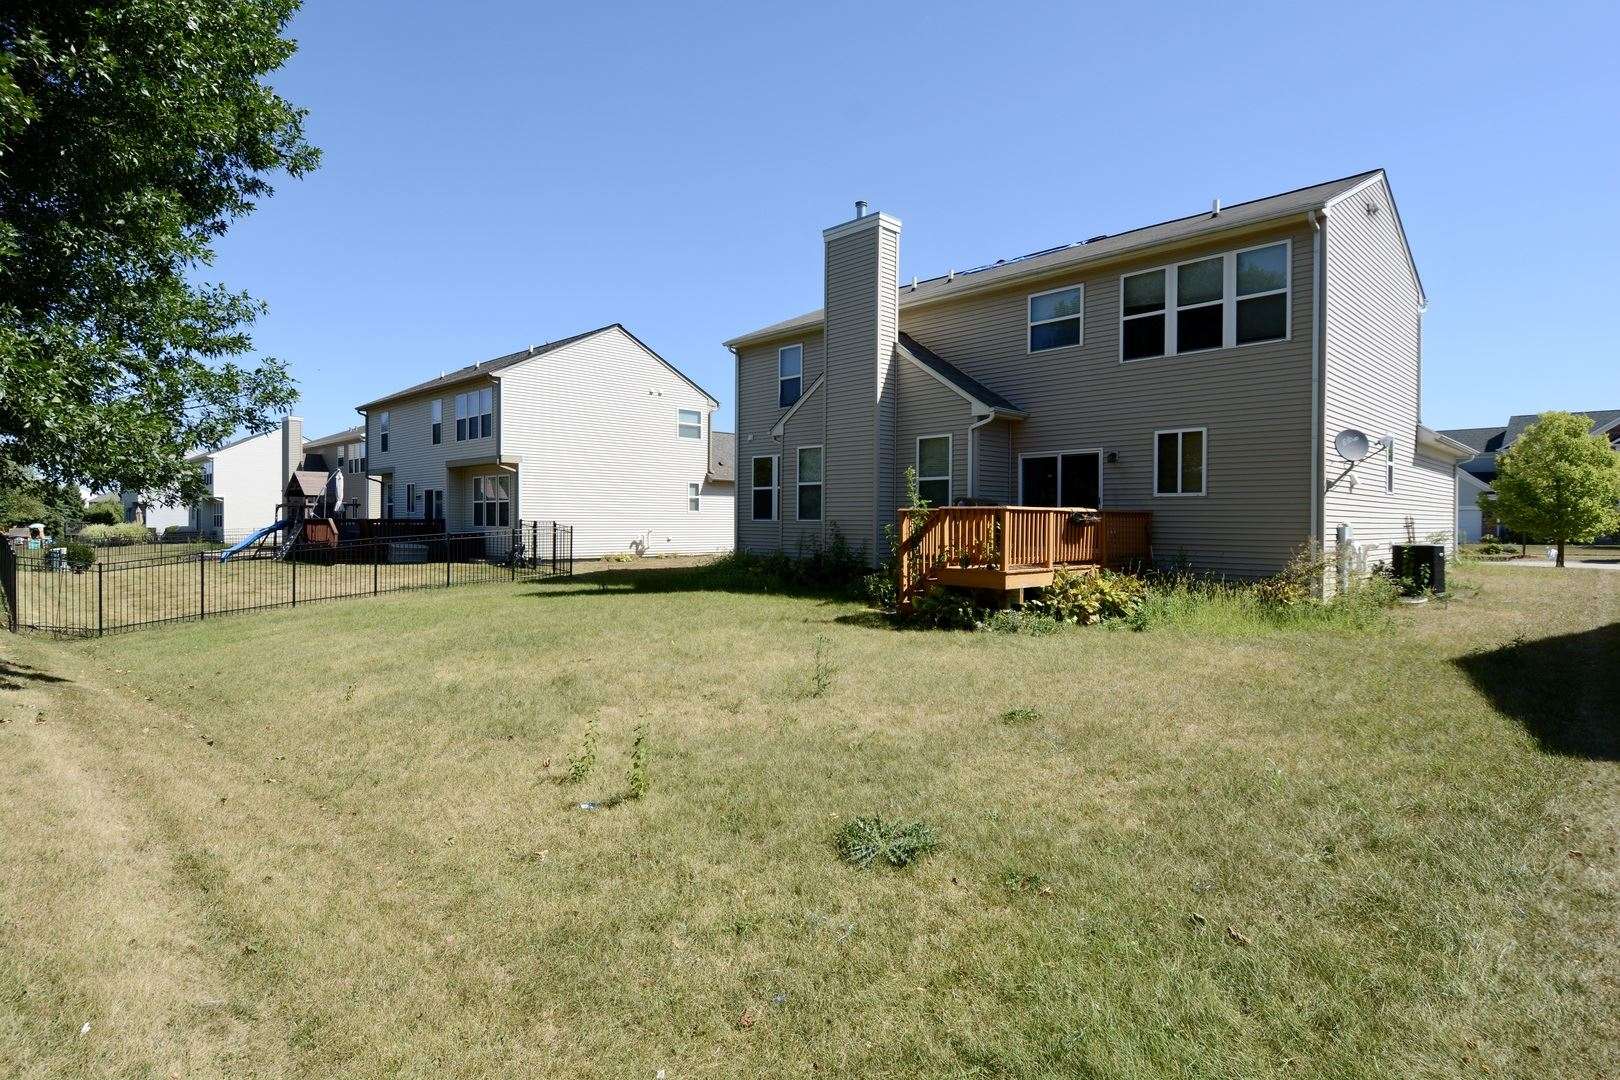 Photo of 235 FOSTER Drive, Oswego, IL 60543 (MLS # 10853765)